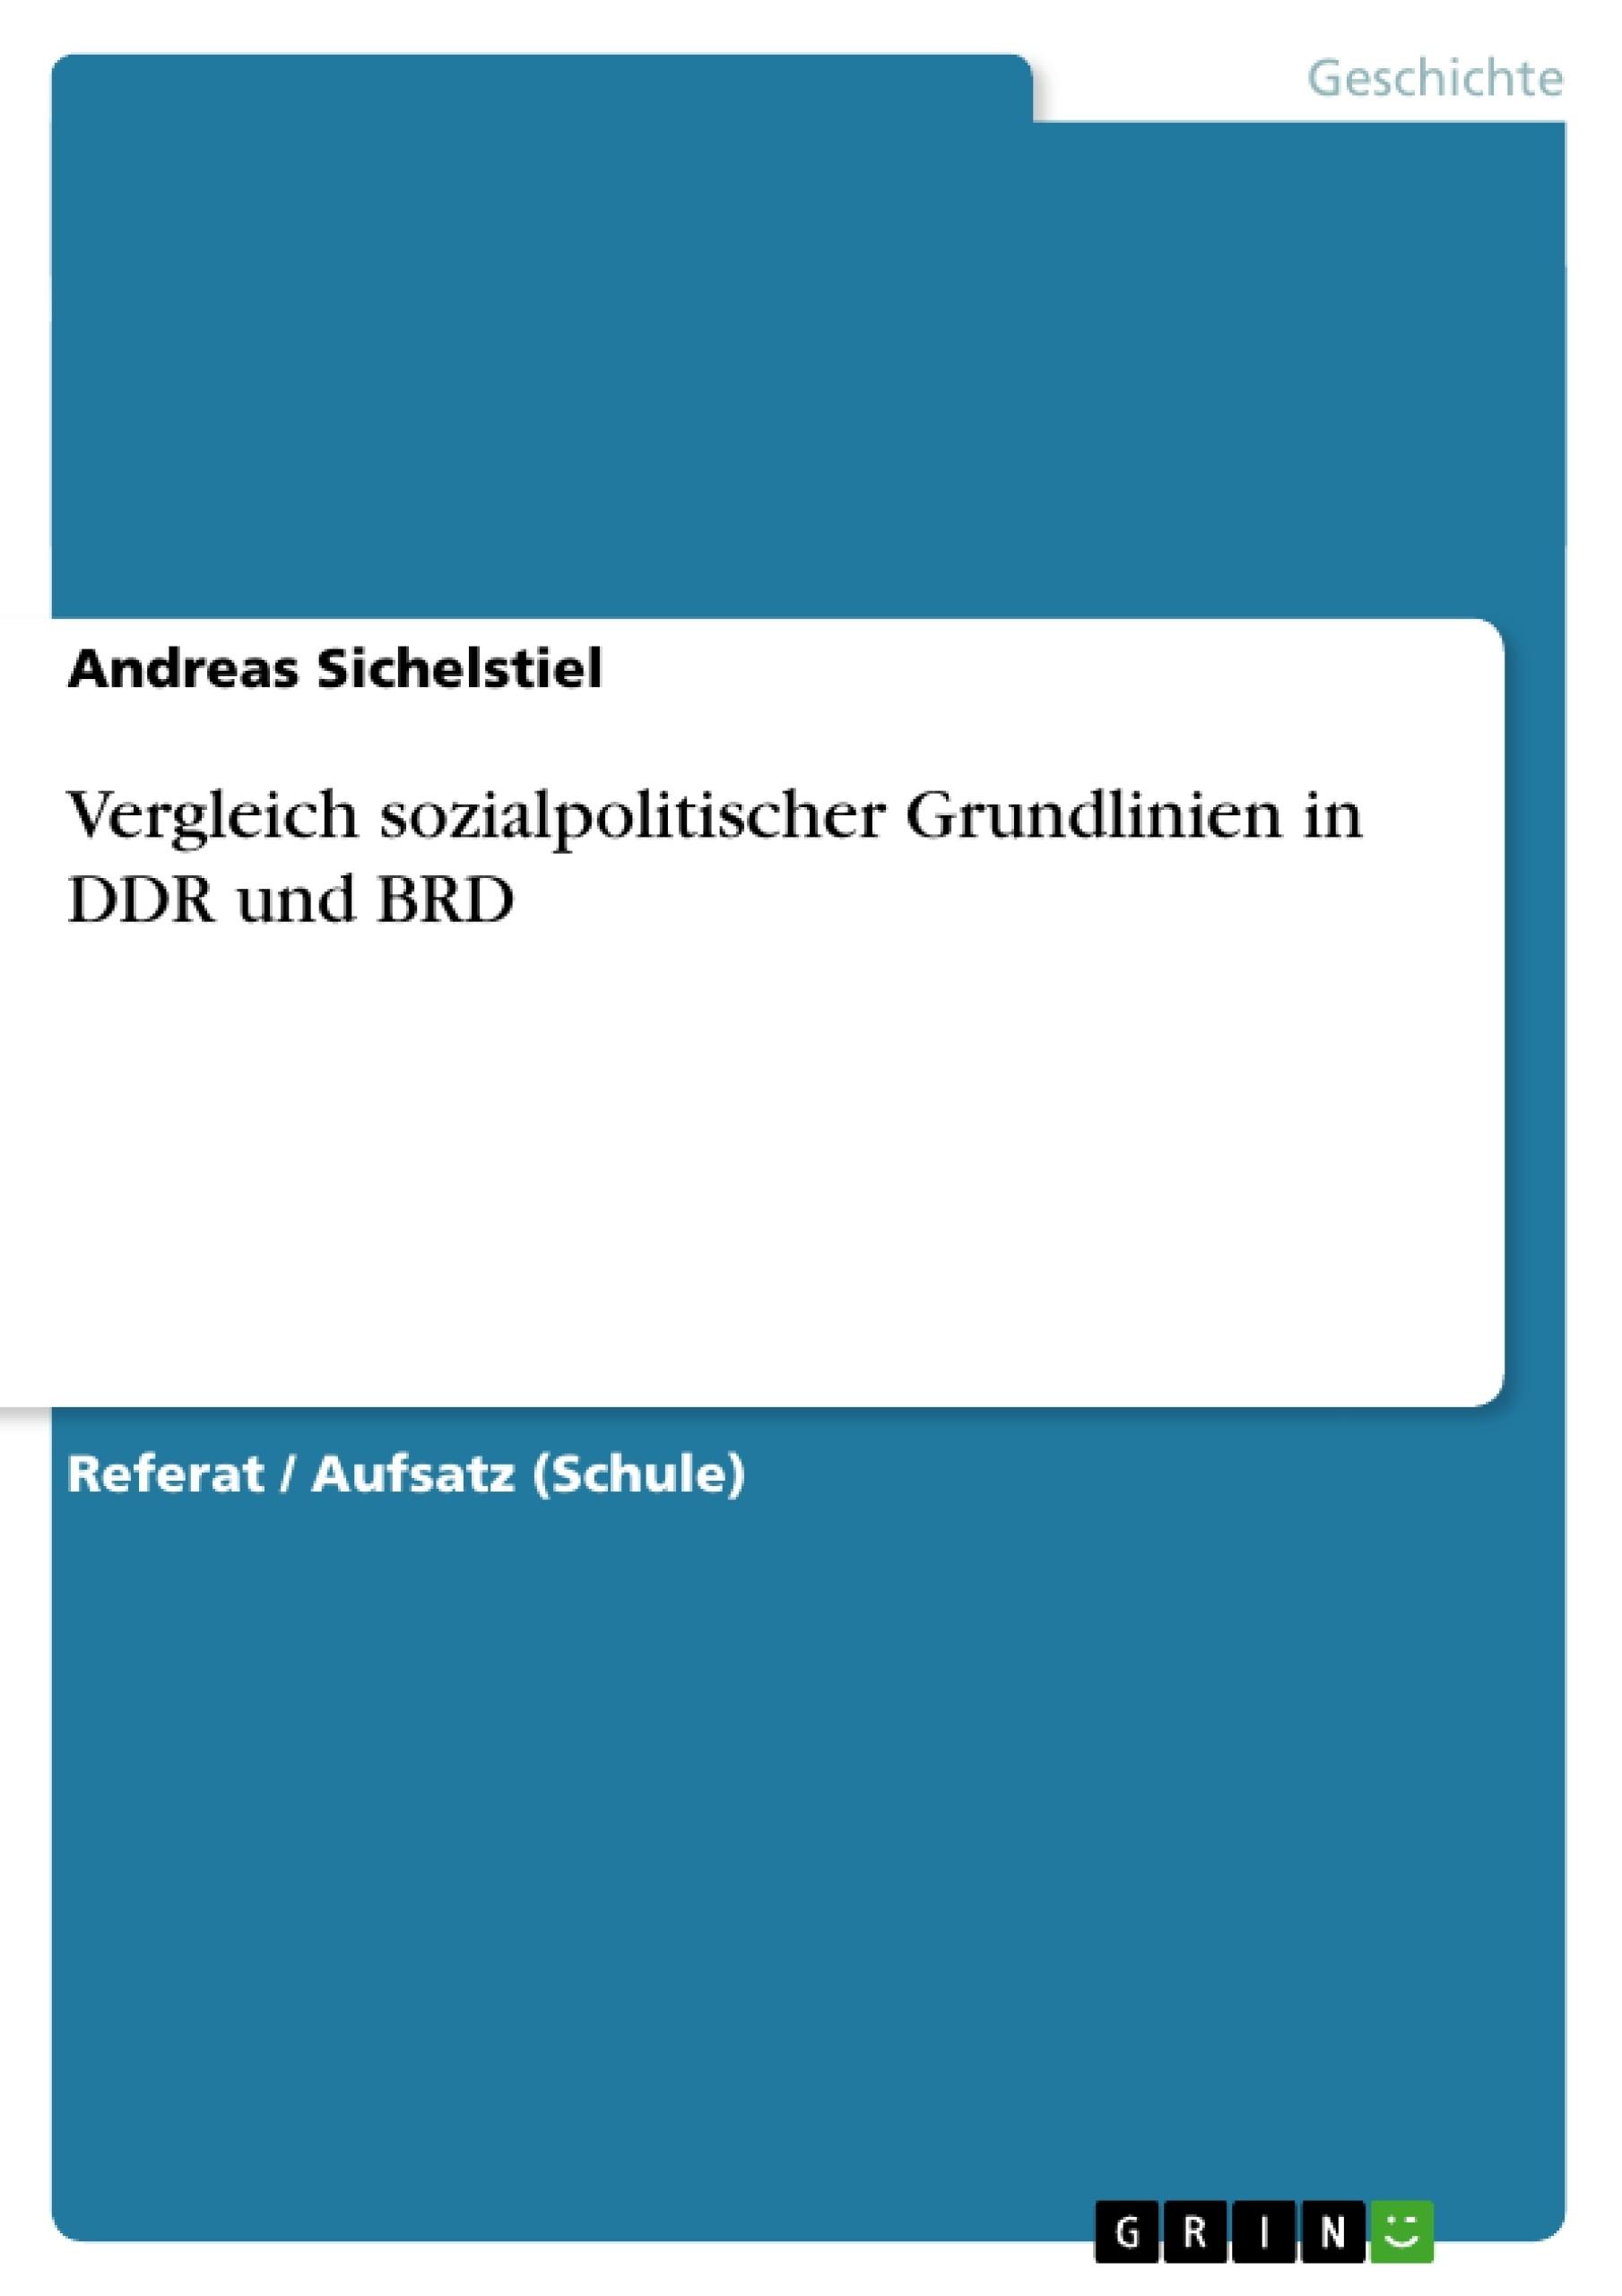 Titel: Vergleich sozialpolitischer Grundlinien in DDR und BRD